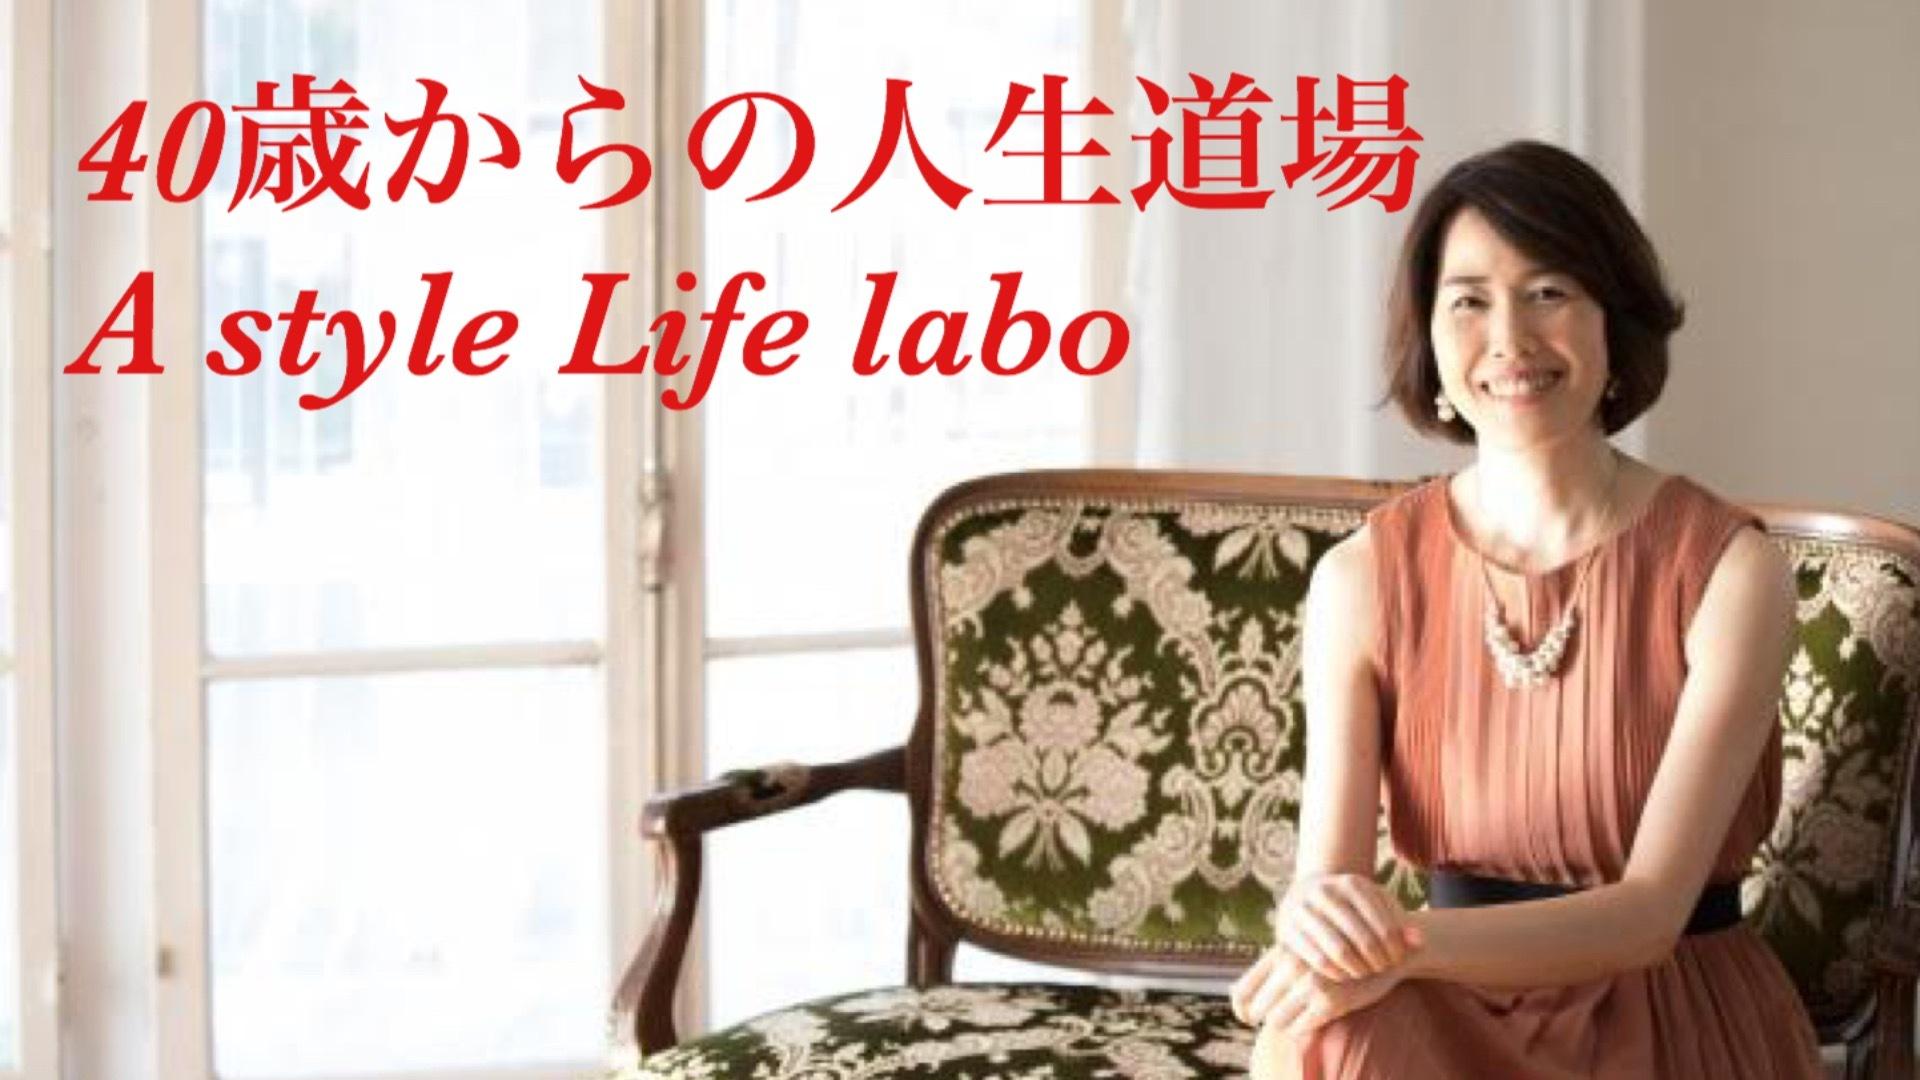 40歳からの人生道場 Astyle Life labo